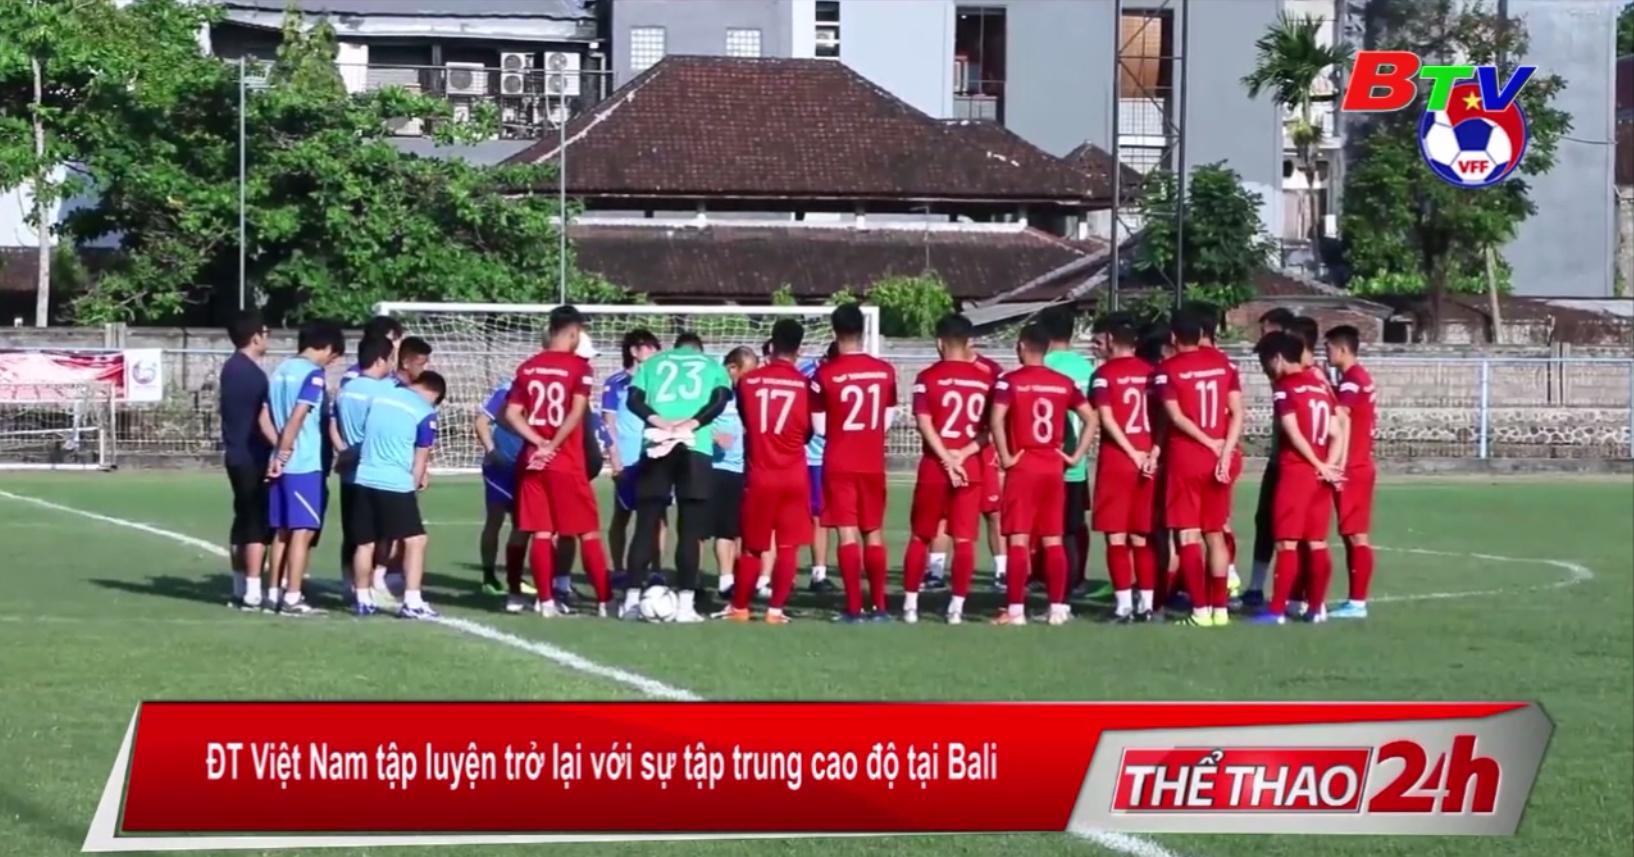 ĐT Việt Nam tập luyện trở lại với sự tập trung cao độ tại Bali